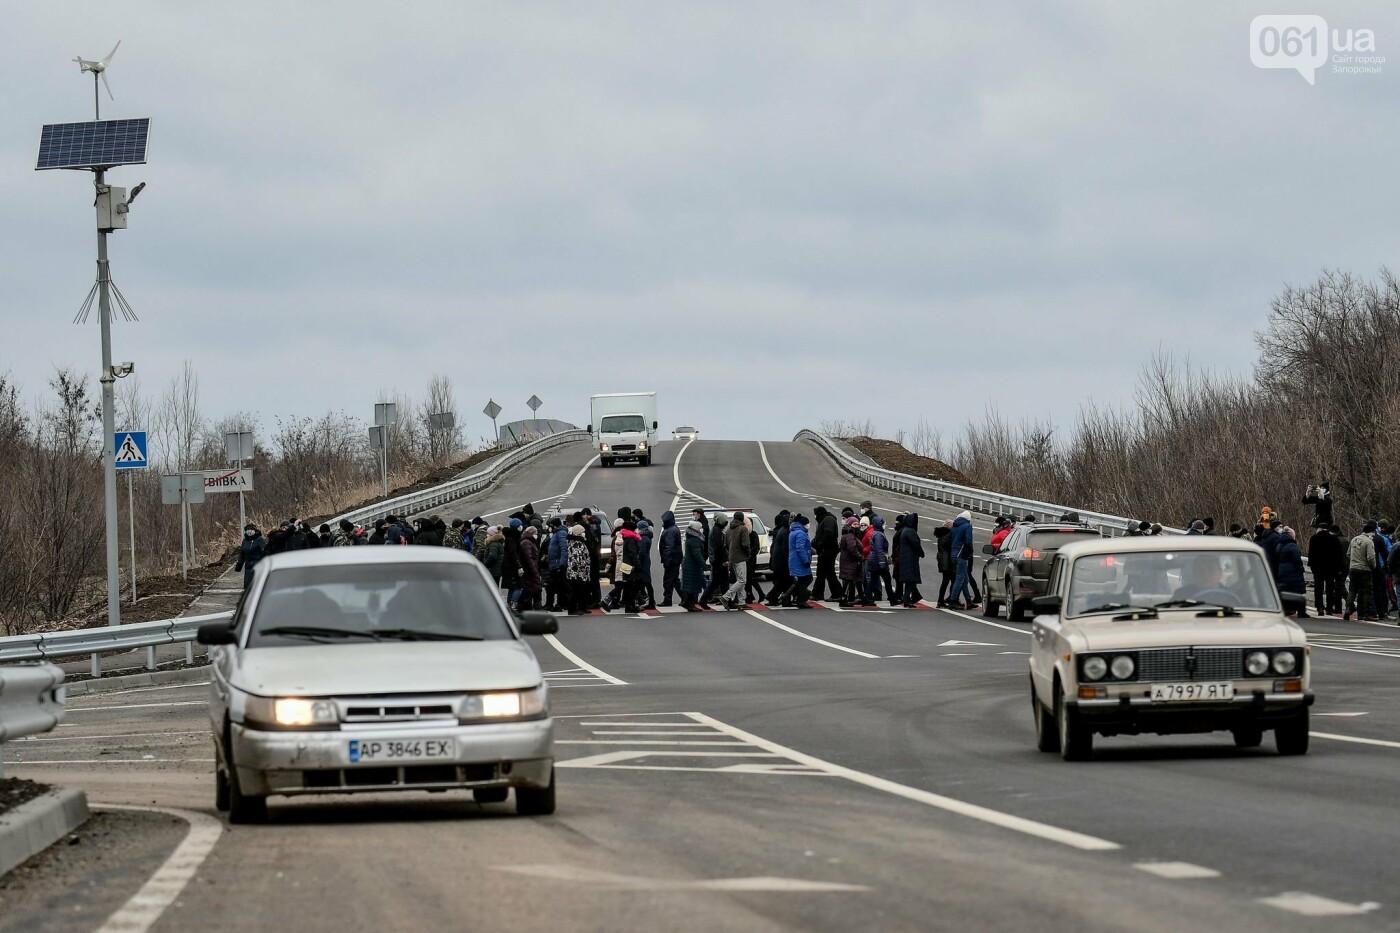 Жители Вольнянска перекрыли трассу и ждут губернатора, - ФОТО, ВИДЕО , фото-15